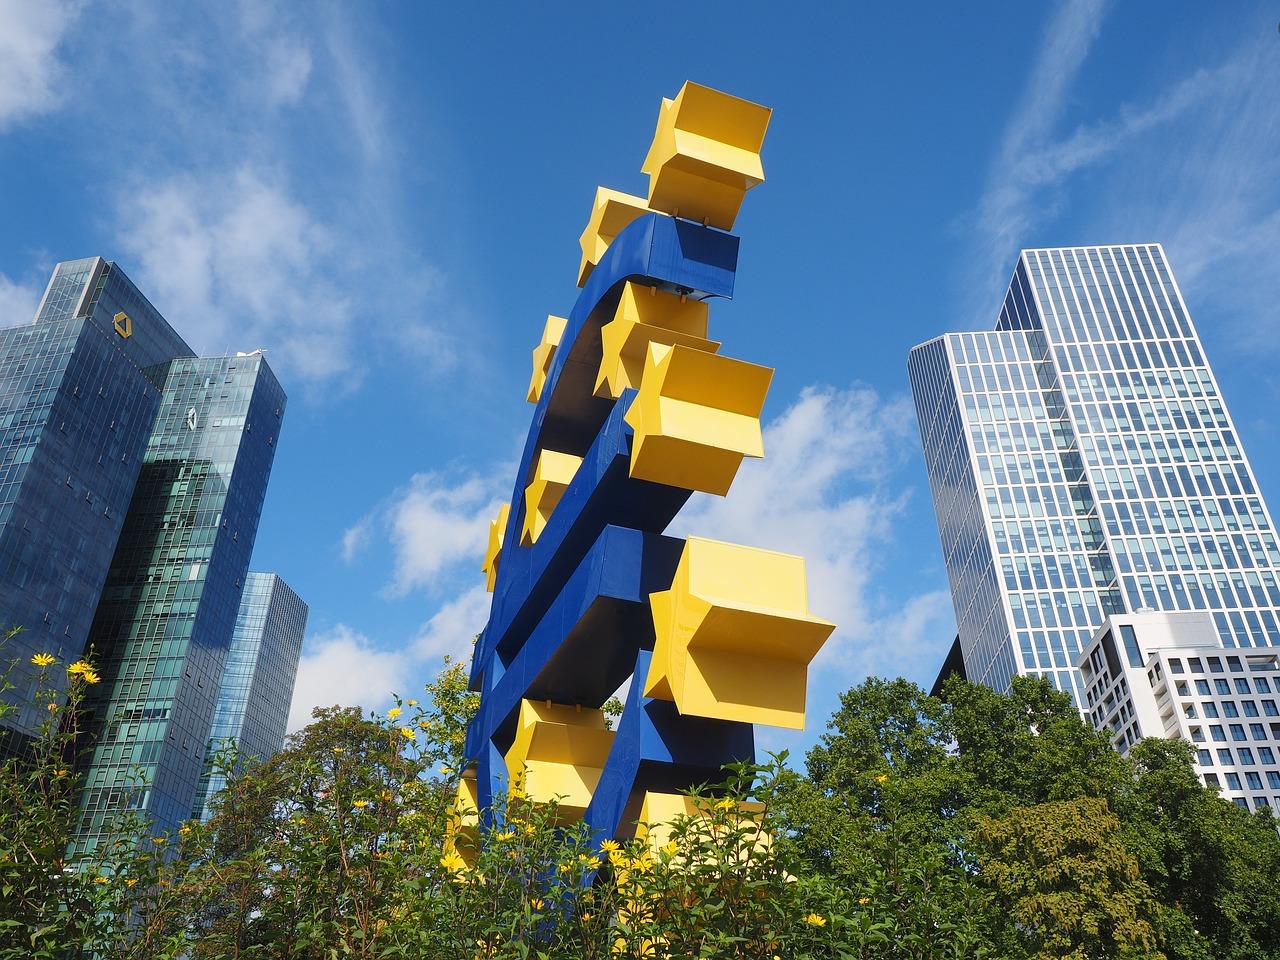 La Banque centrale européenne poursuit sa politique accommodante